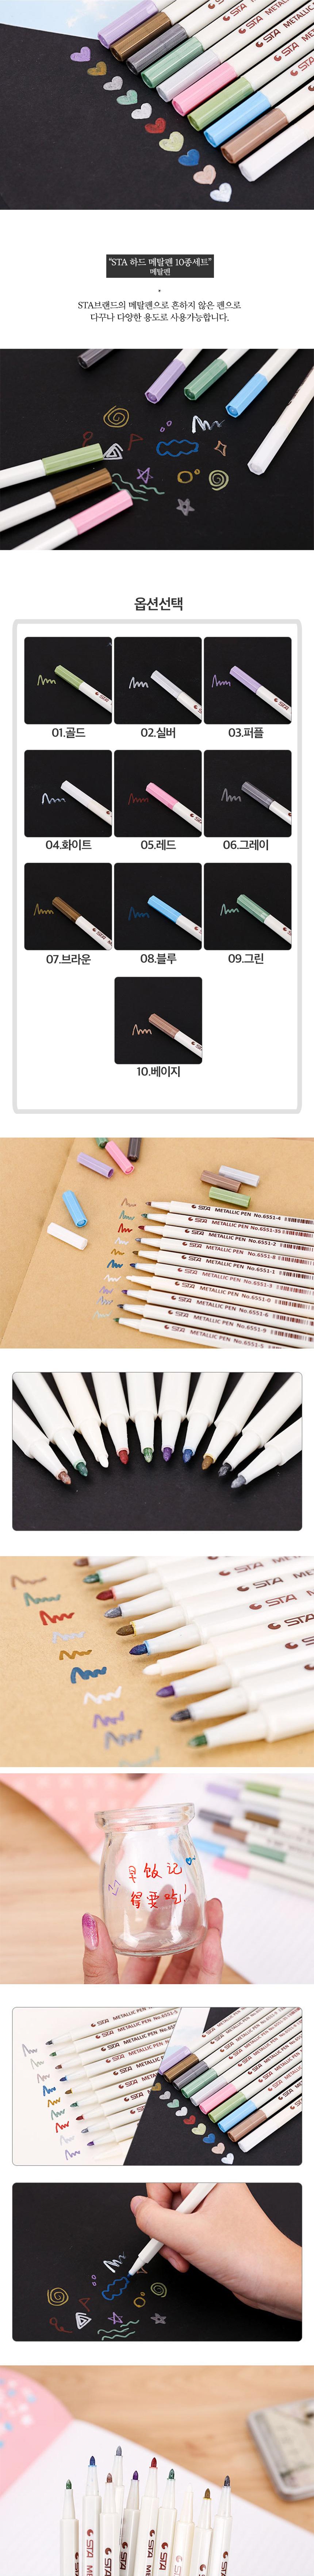 STA 하드 메탈펜 - 핑크문9, 1,300원, 데코펜, 반짝이펜